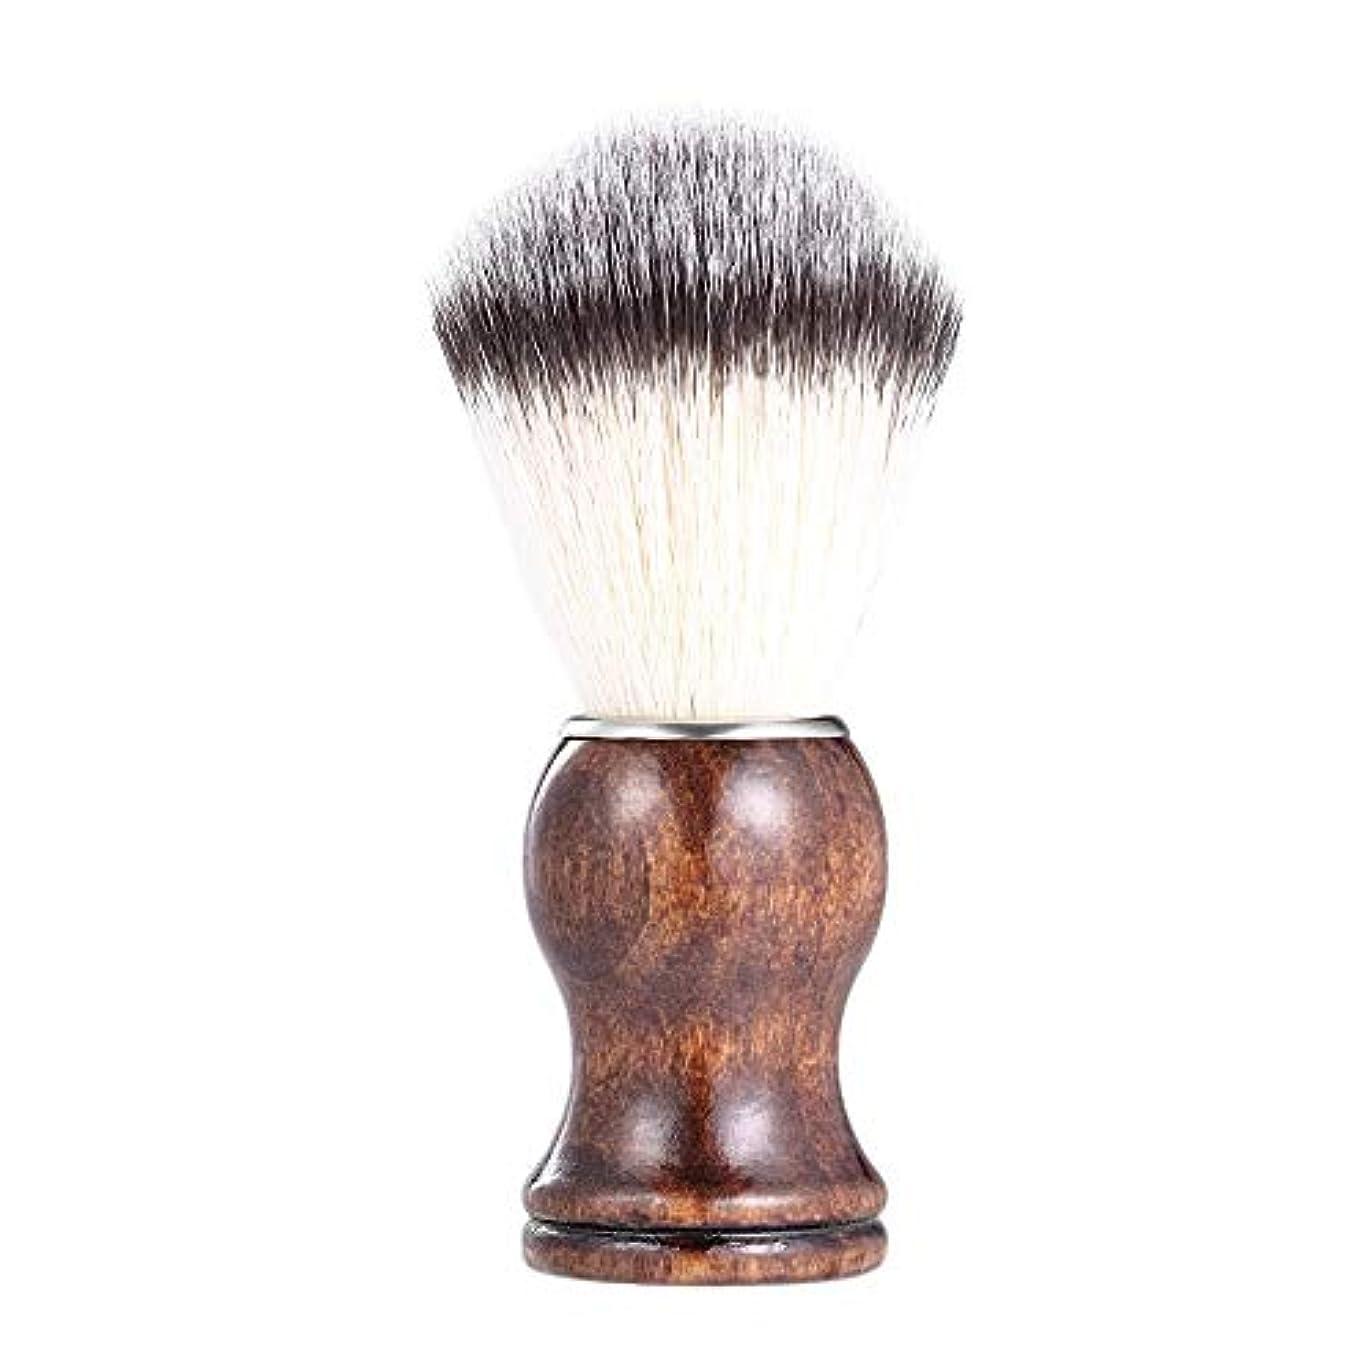 推定するハリウッドクレアあごひげケア 美容ツール メンズ用 髭剃り ブラシ シェービングブラシ 木製ハンドル 男性 ギフト理容 洗顔 髭剃り